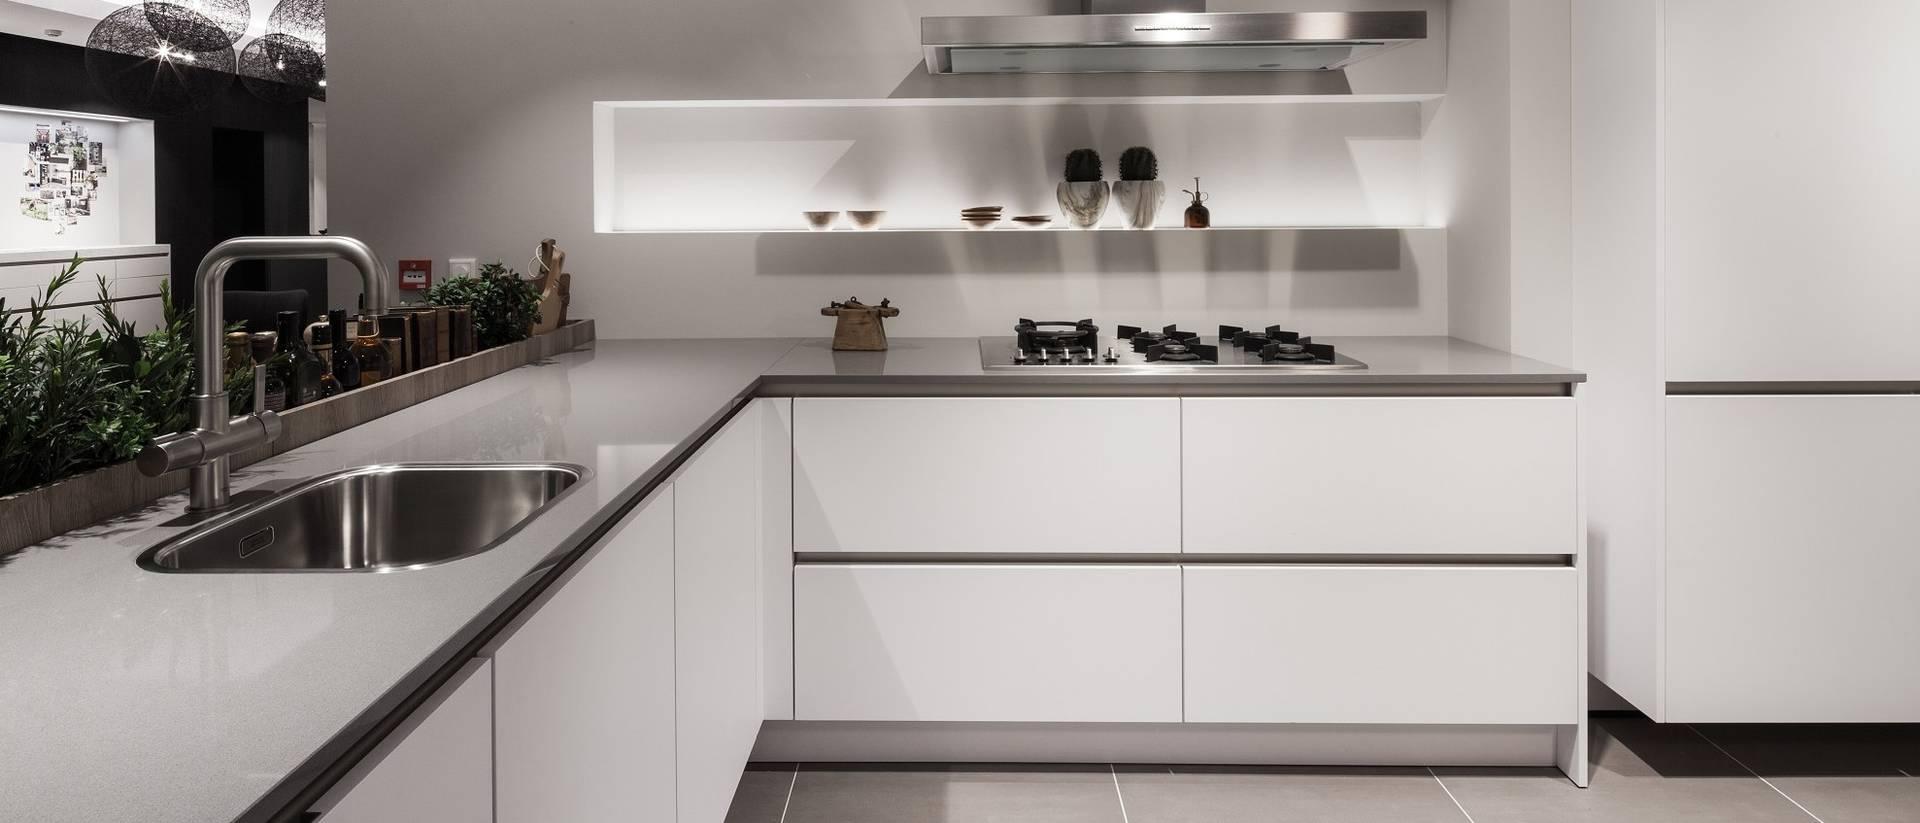 Les Showrooms SieMatic: Admirez ce qu'on appelle un design de cuisine à l'élégance intemporelle.